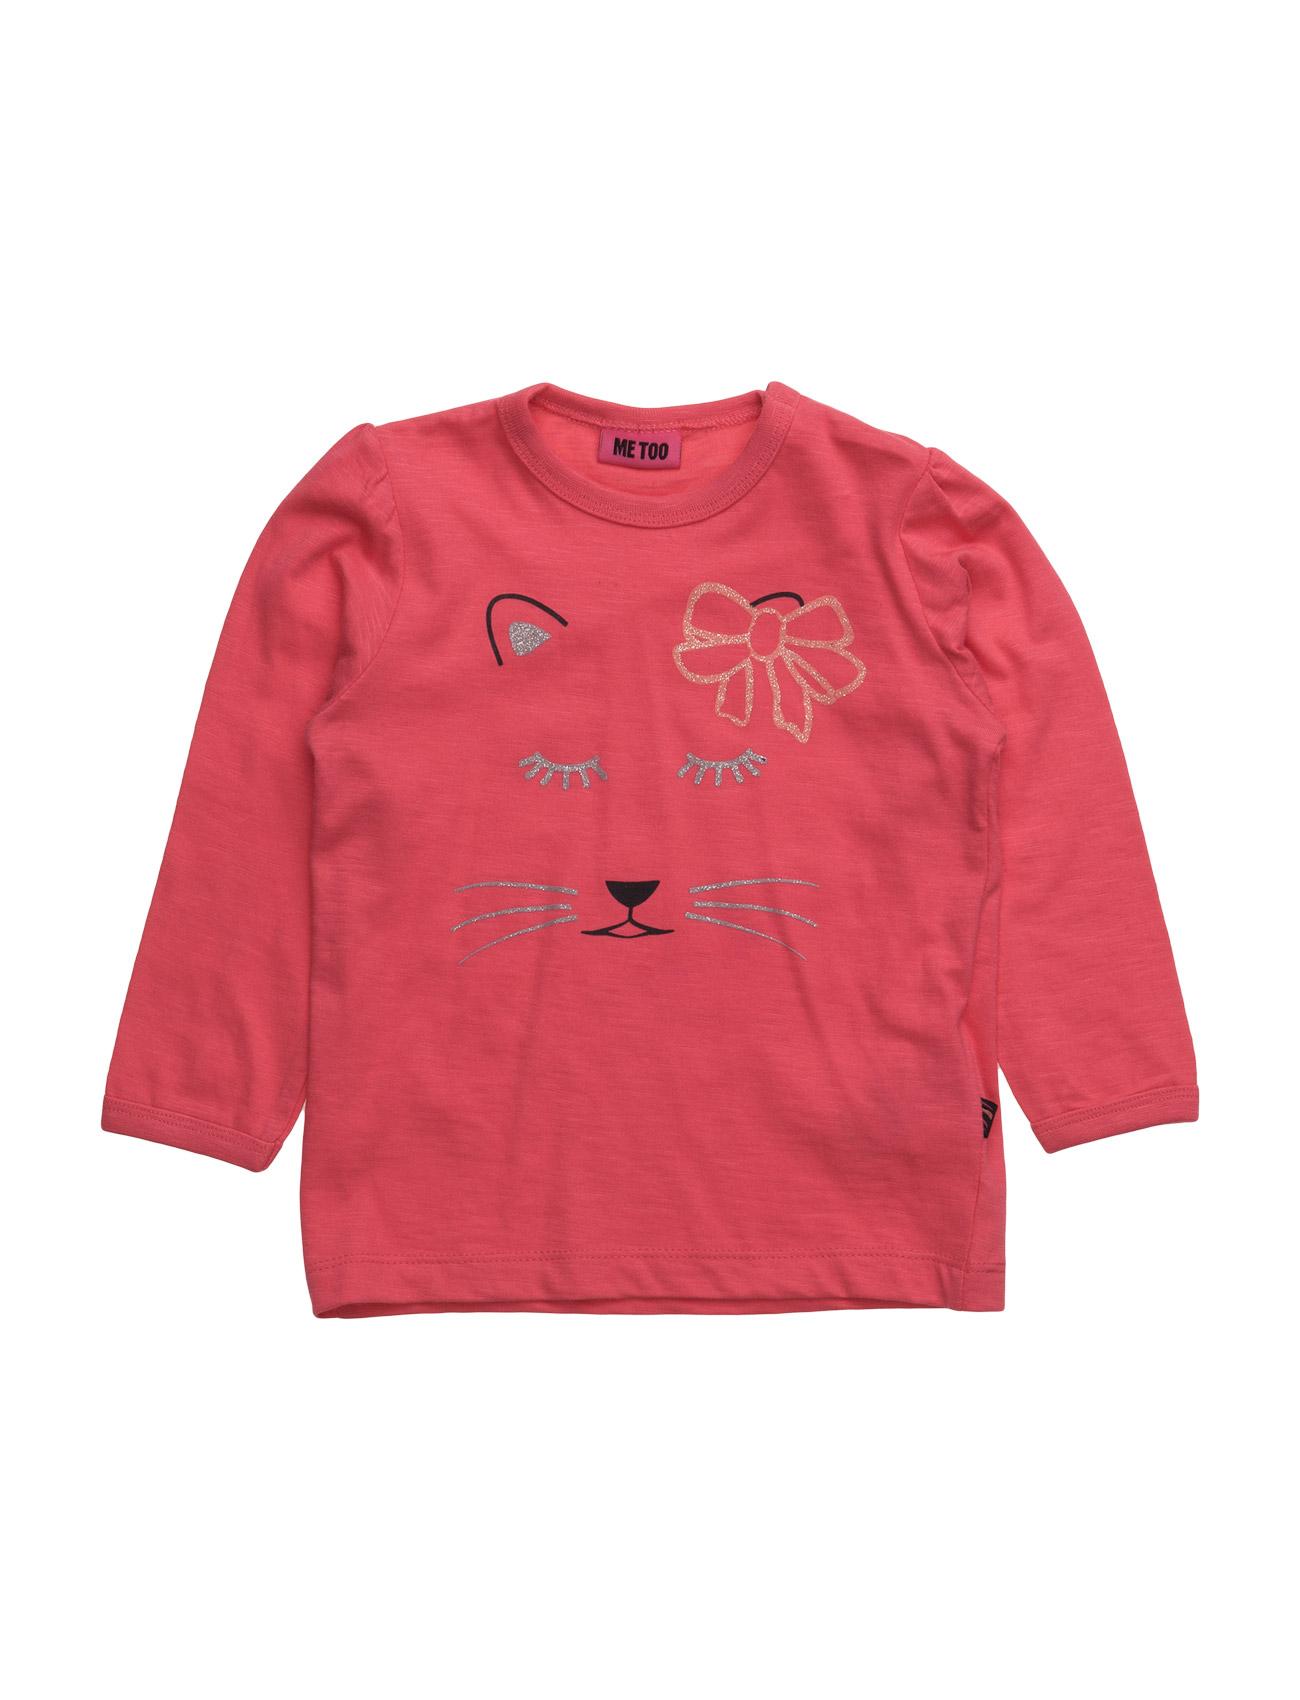 Gabi, Mini Top Ls MeToo Langærmede t-shirts til Børn i Mørk grå